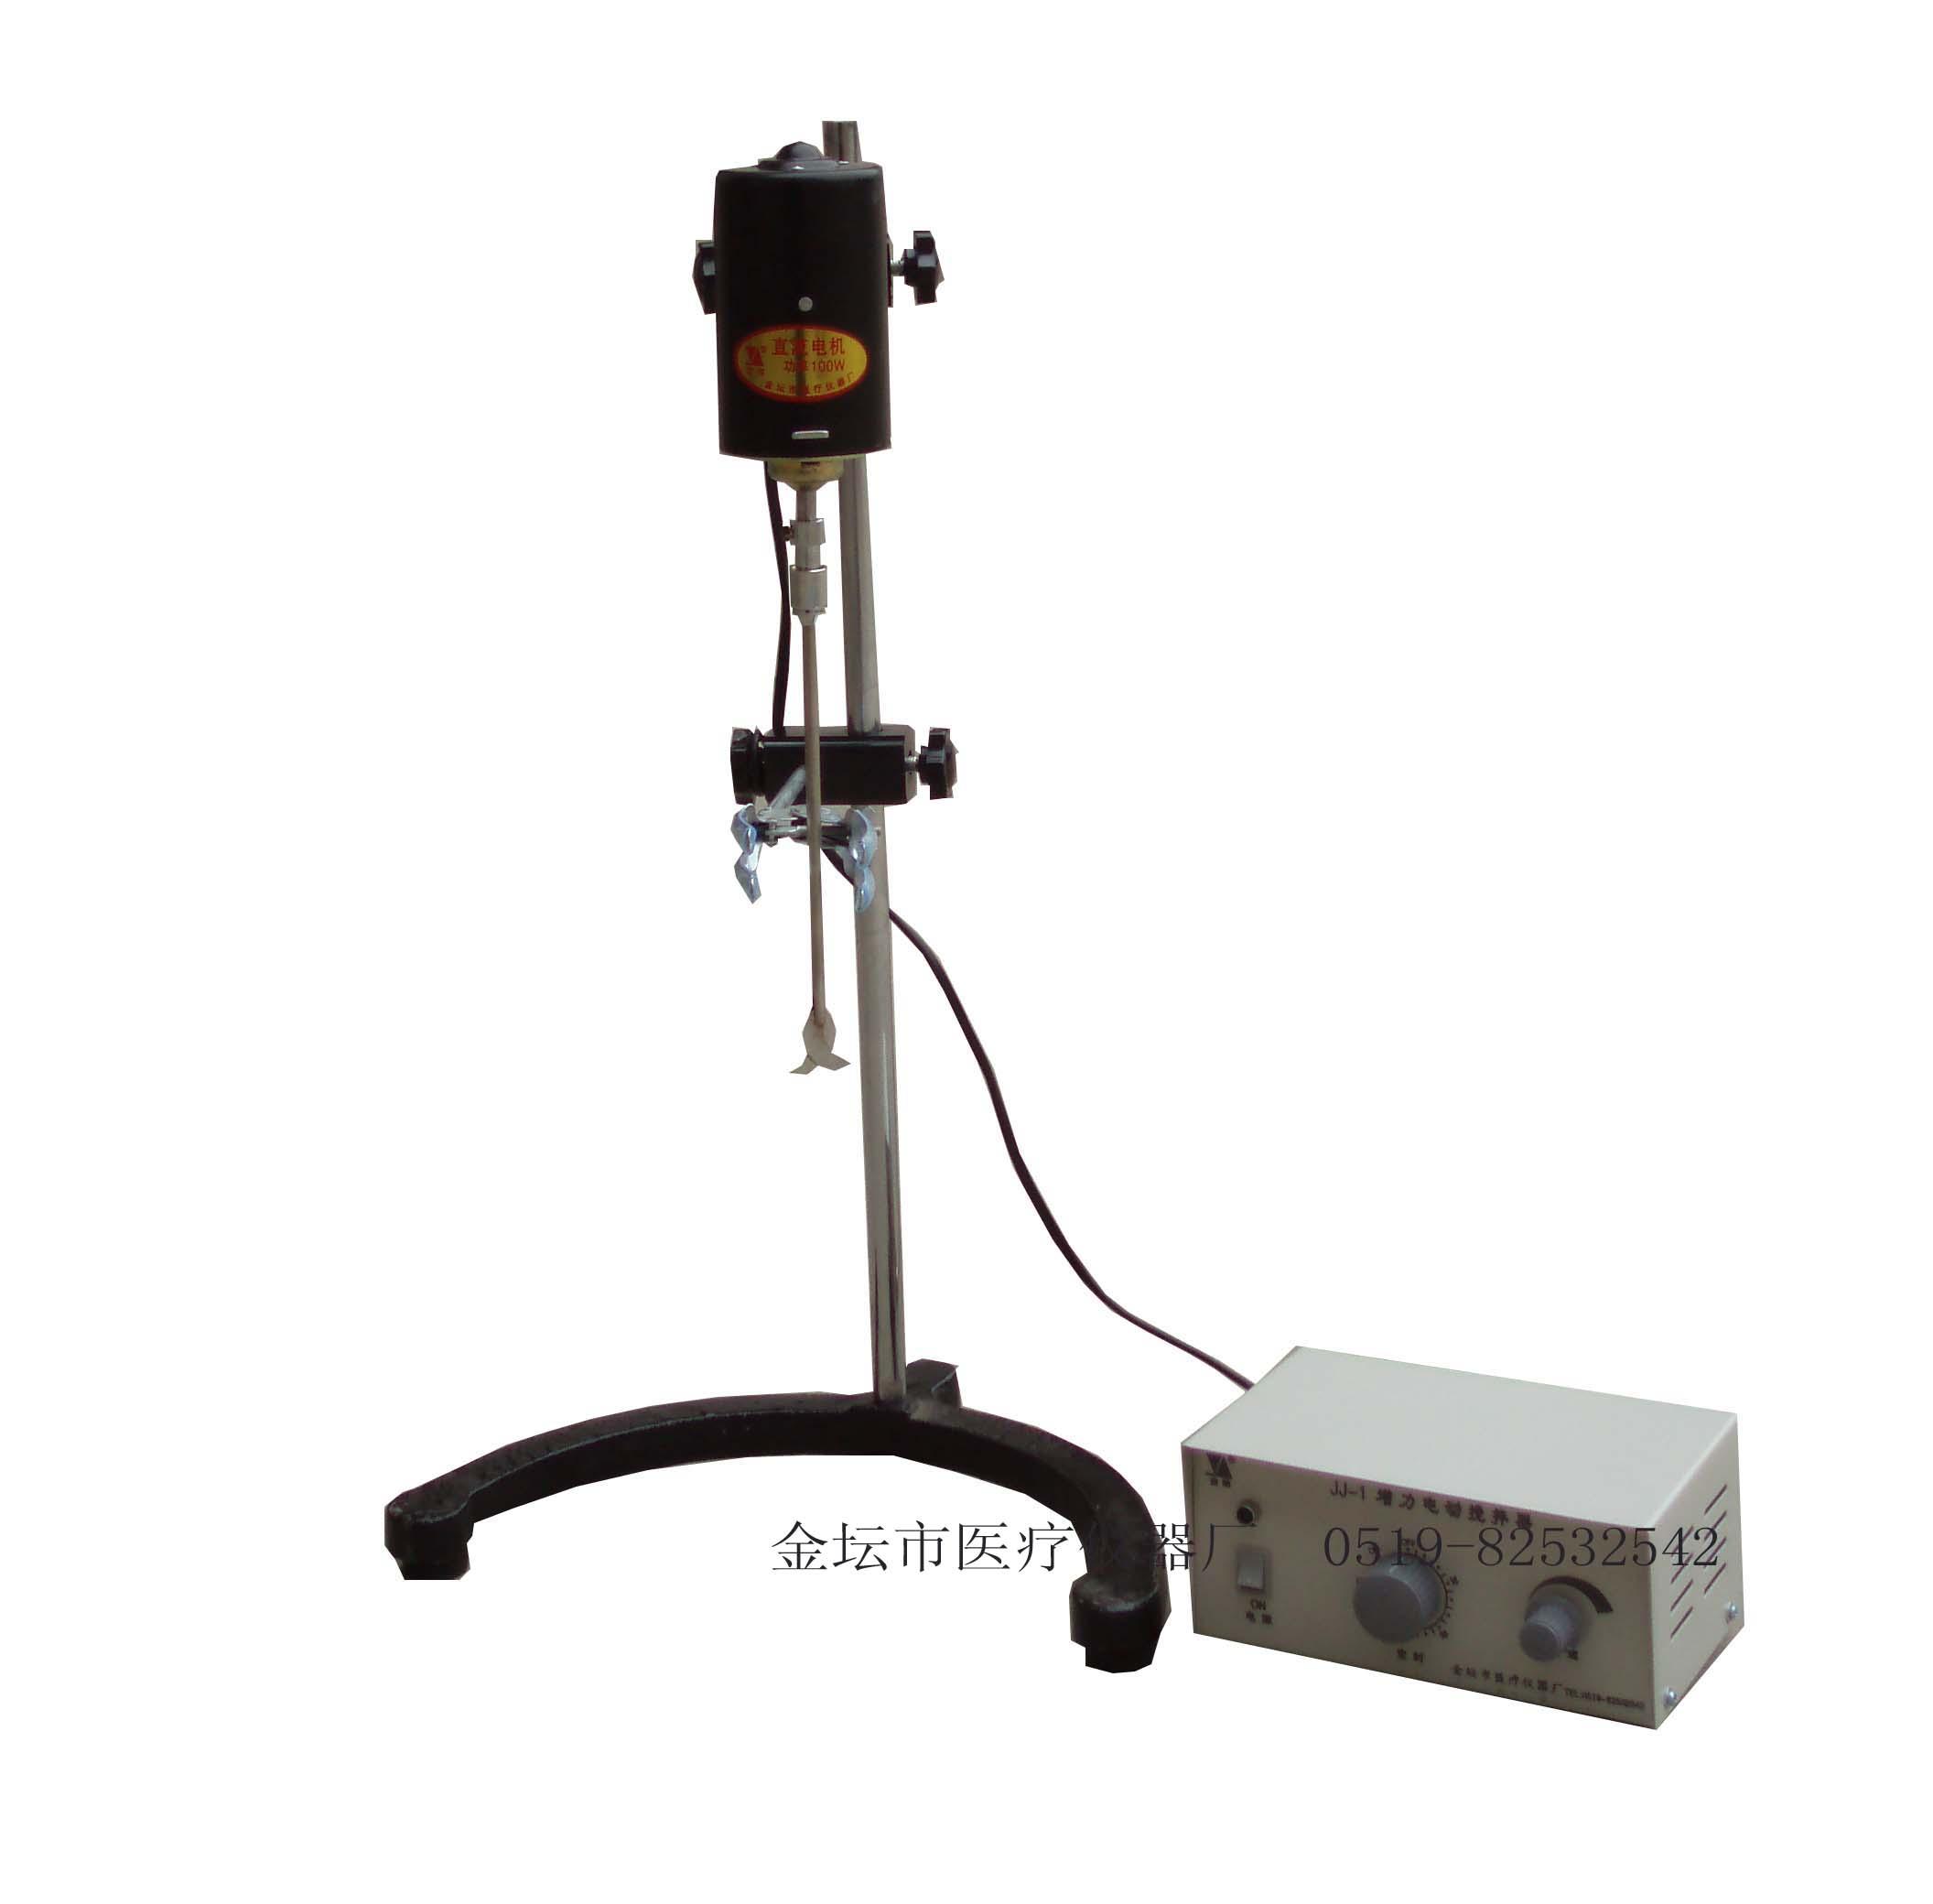 江苏金坛JJ-1 150W增力电动搅拌器